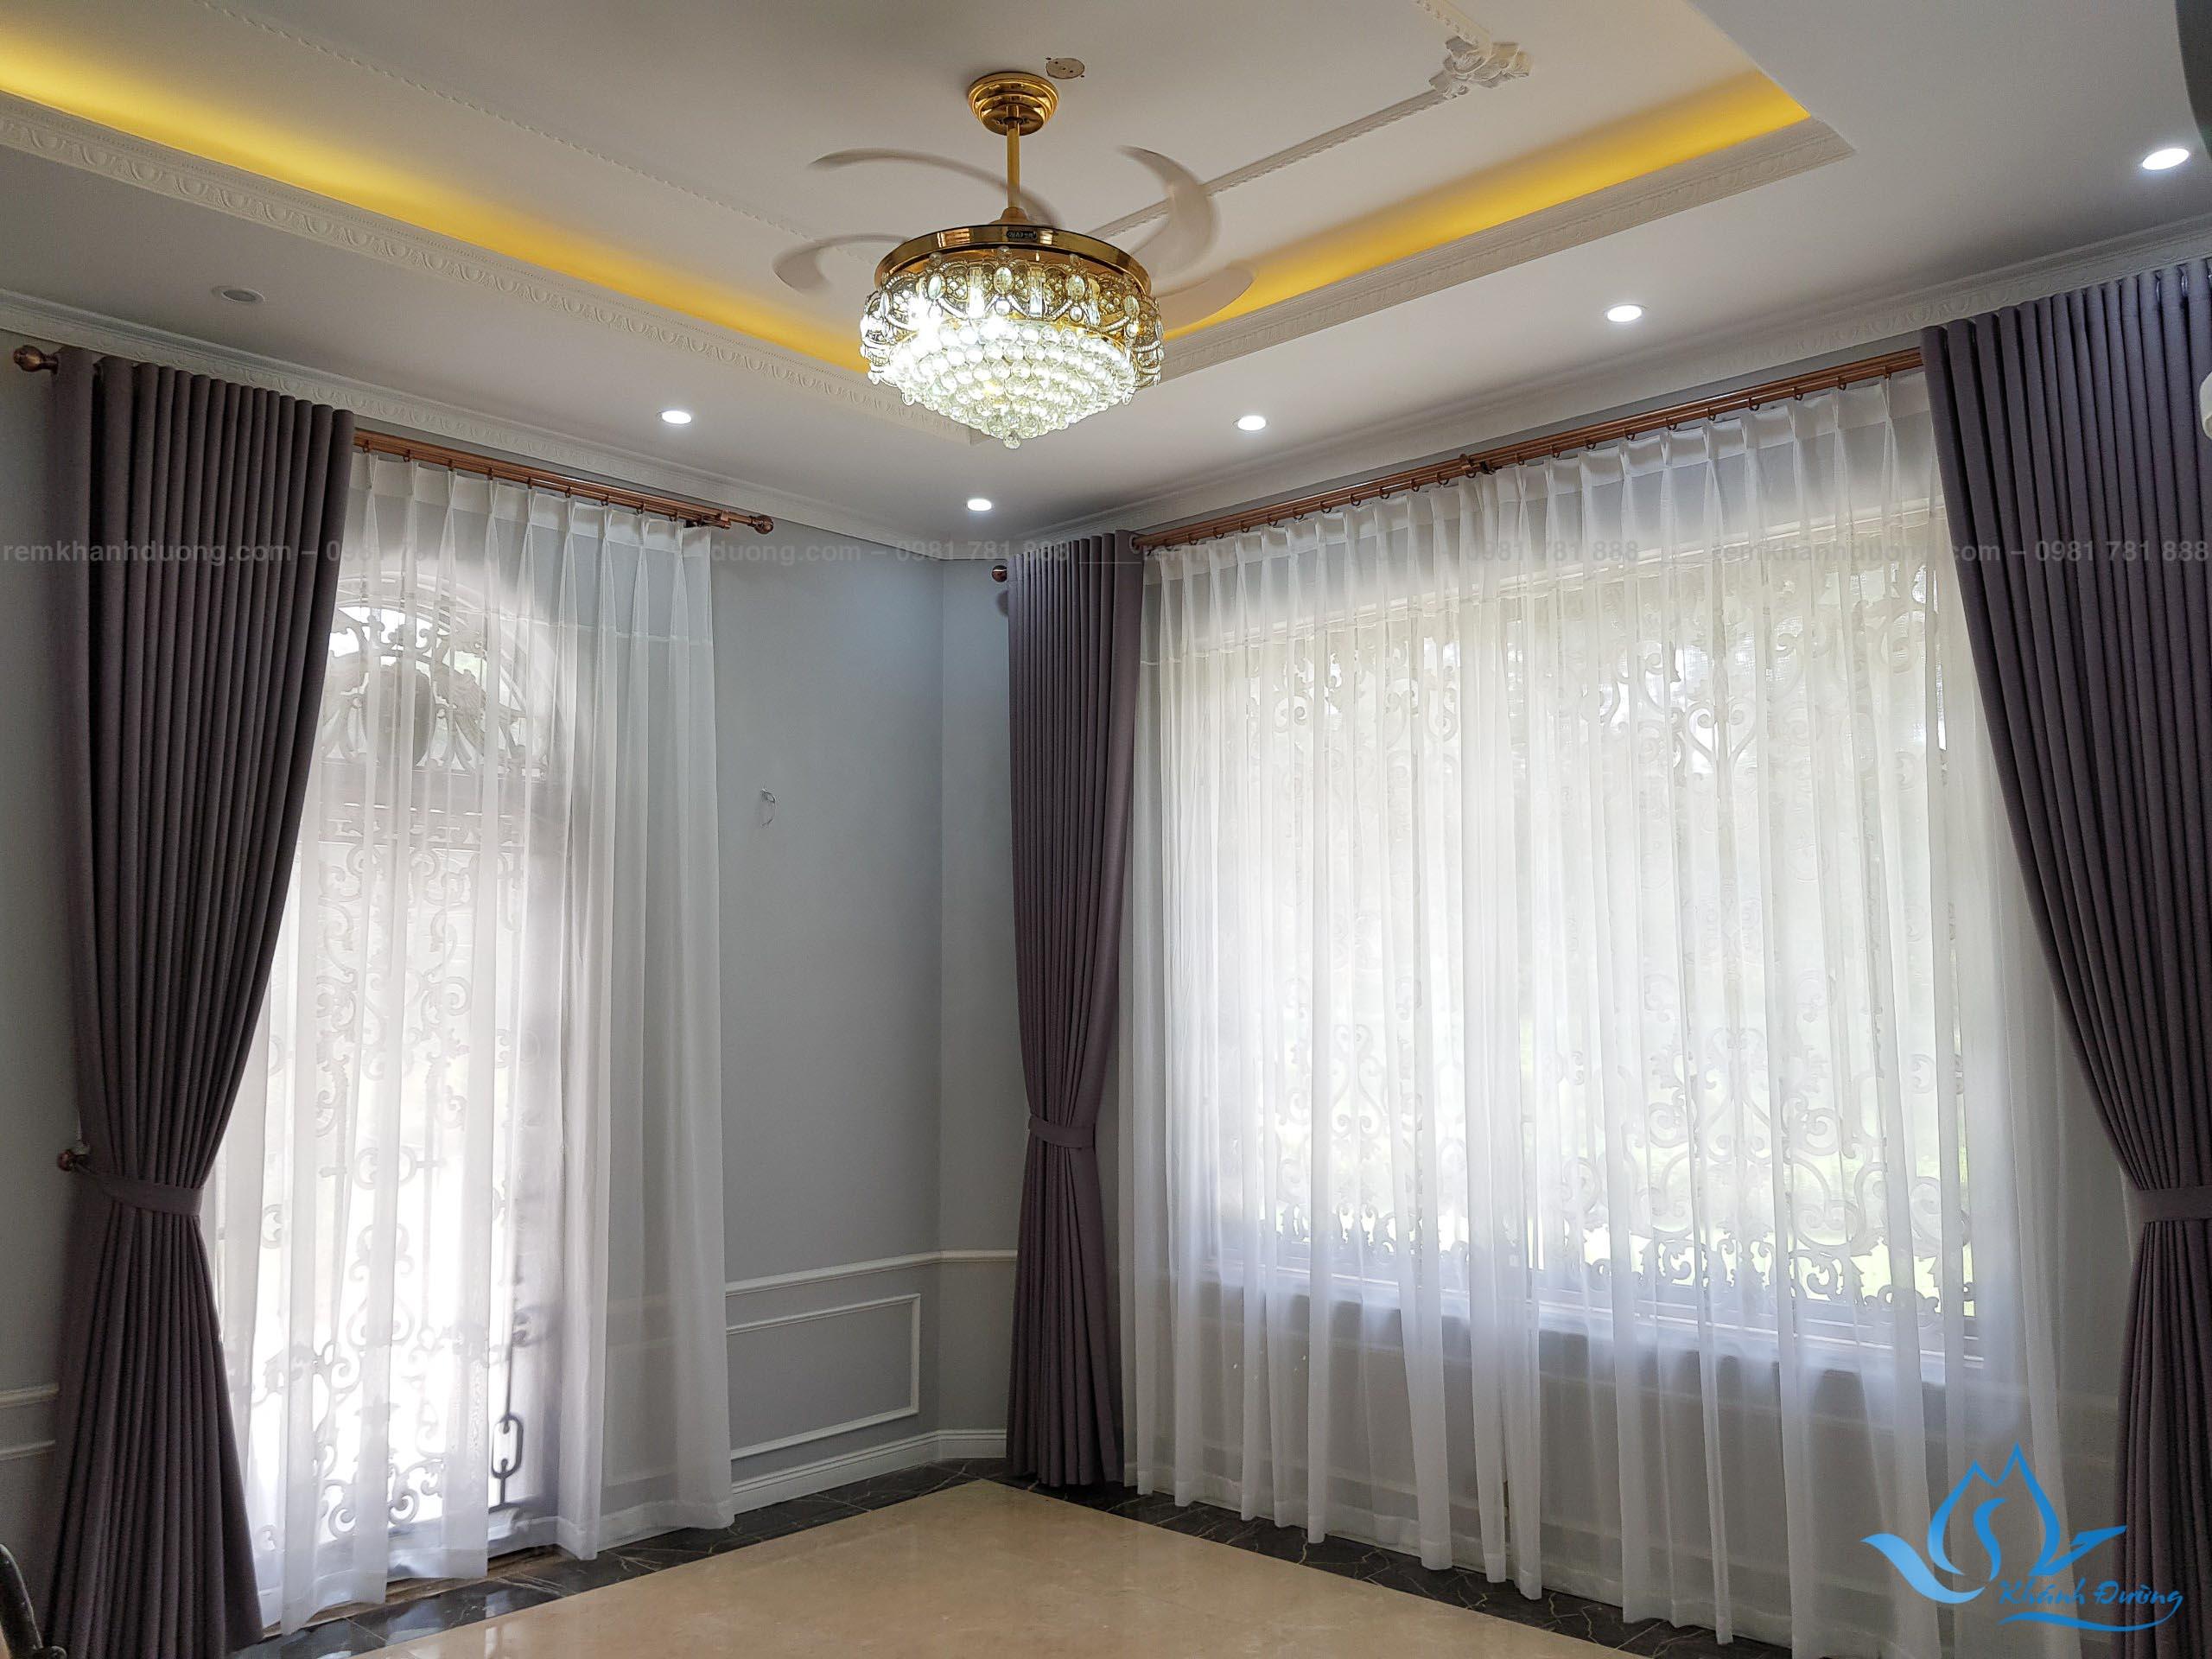 Anh-Ninh-Resort-Dong-Truc-Anh-Ninh (5)